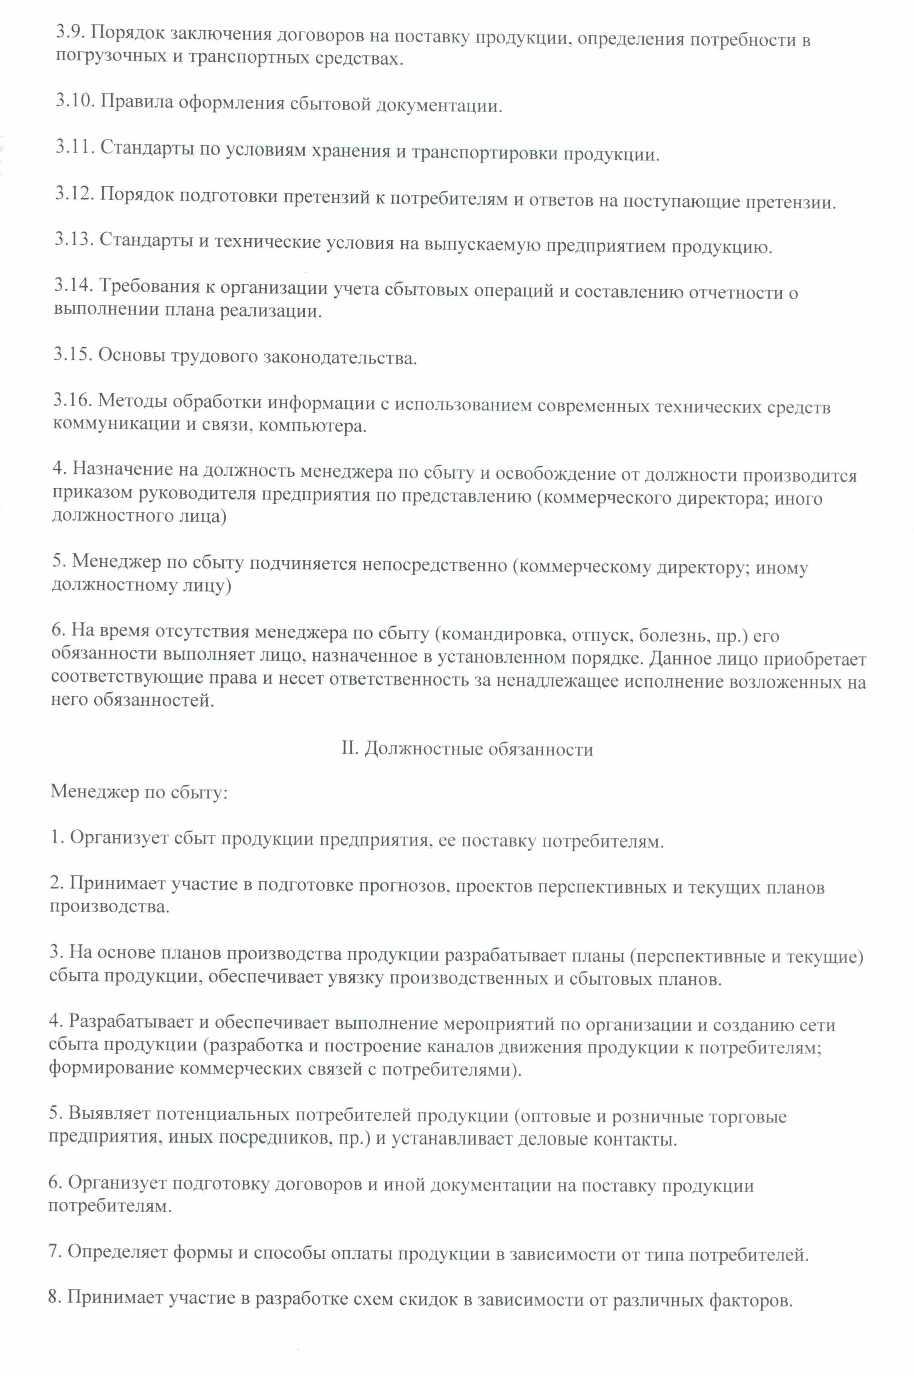 Должностная Инструкция Менеджера Сбыту Скачать